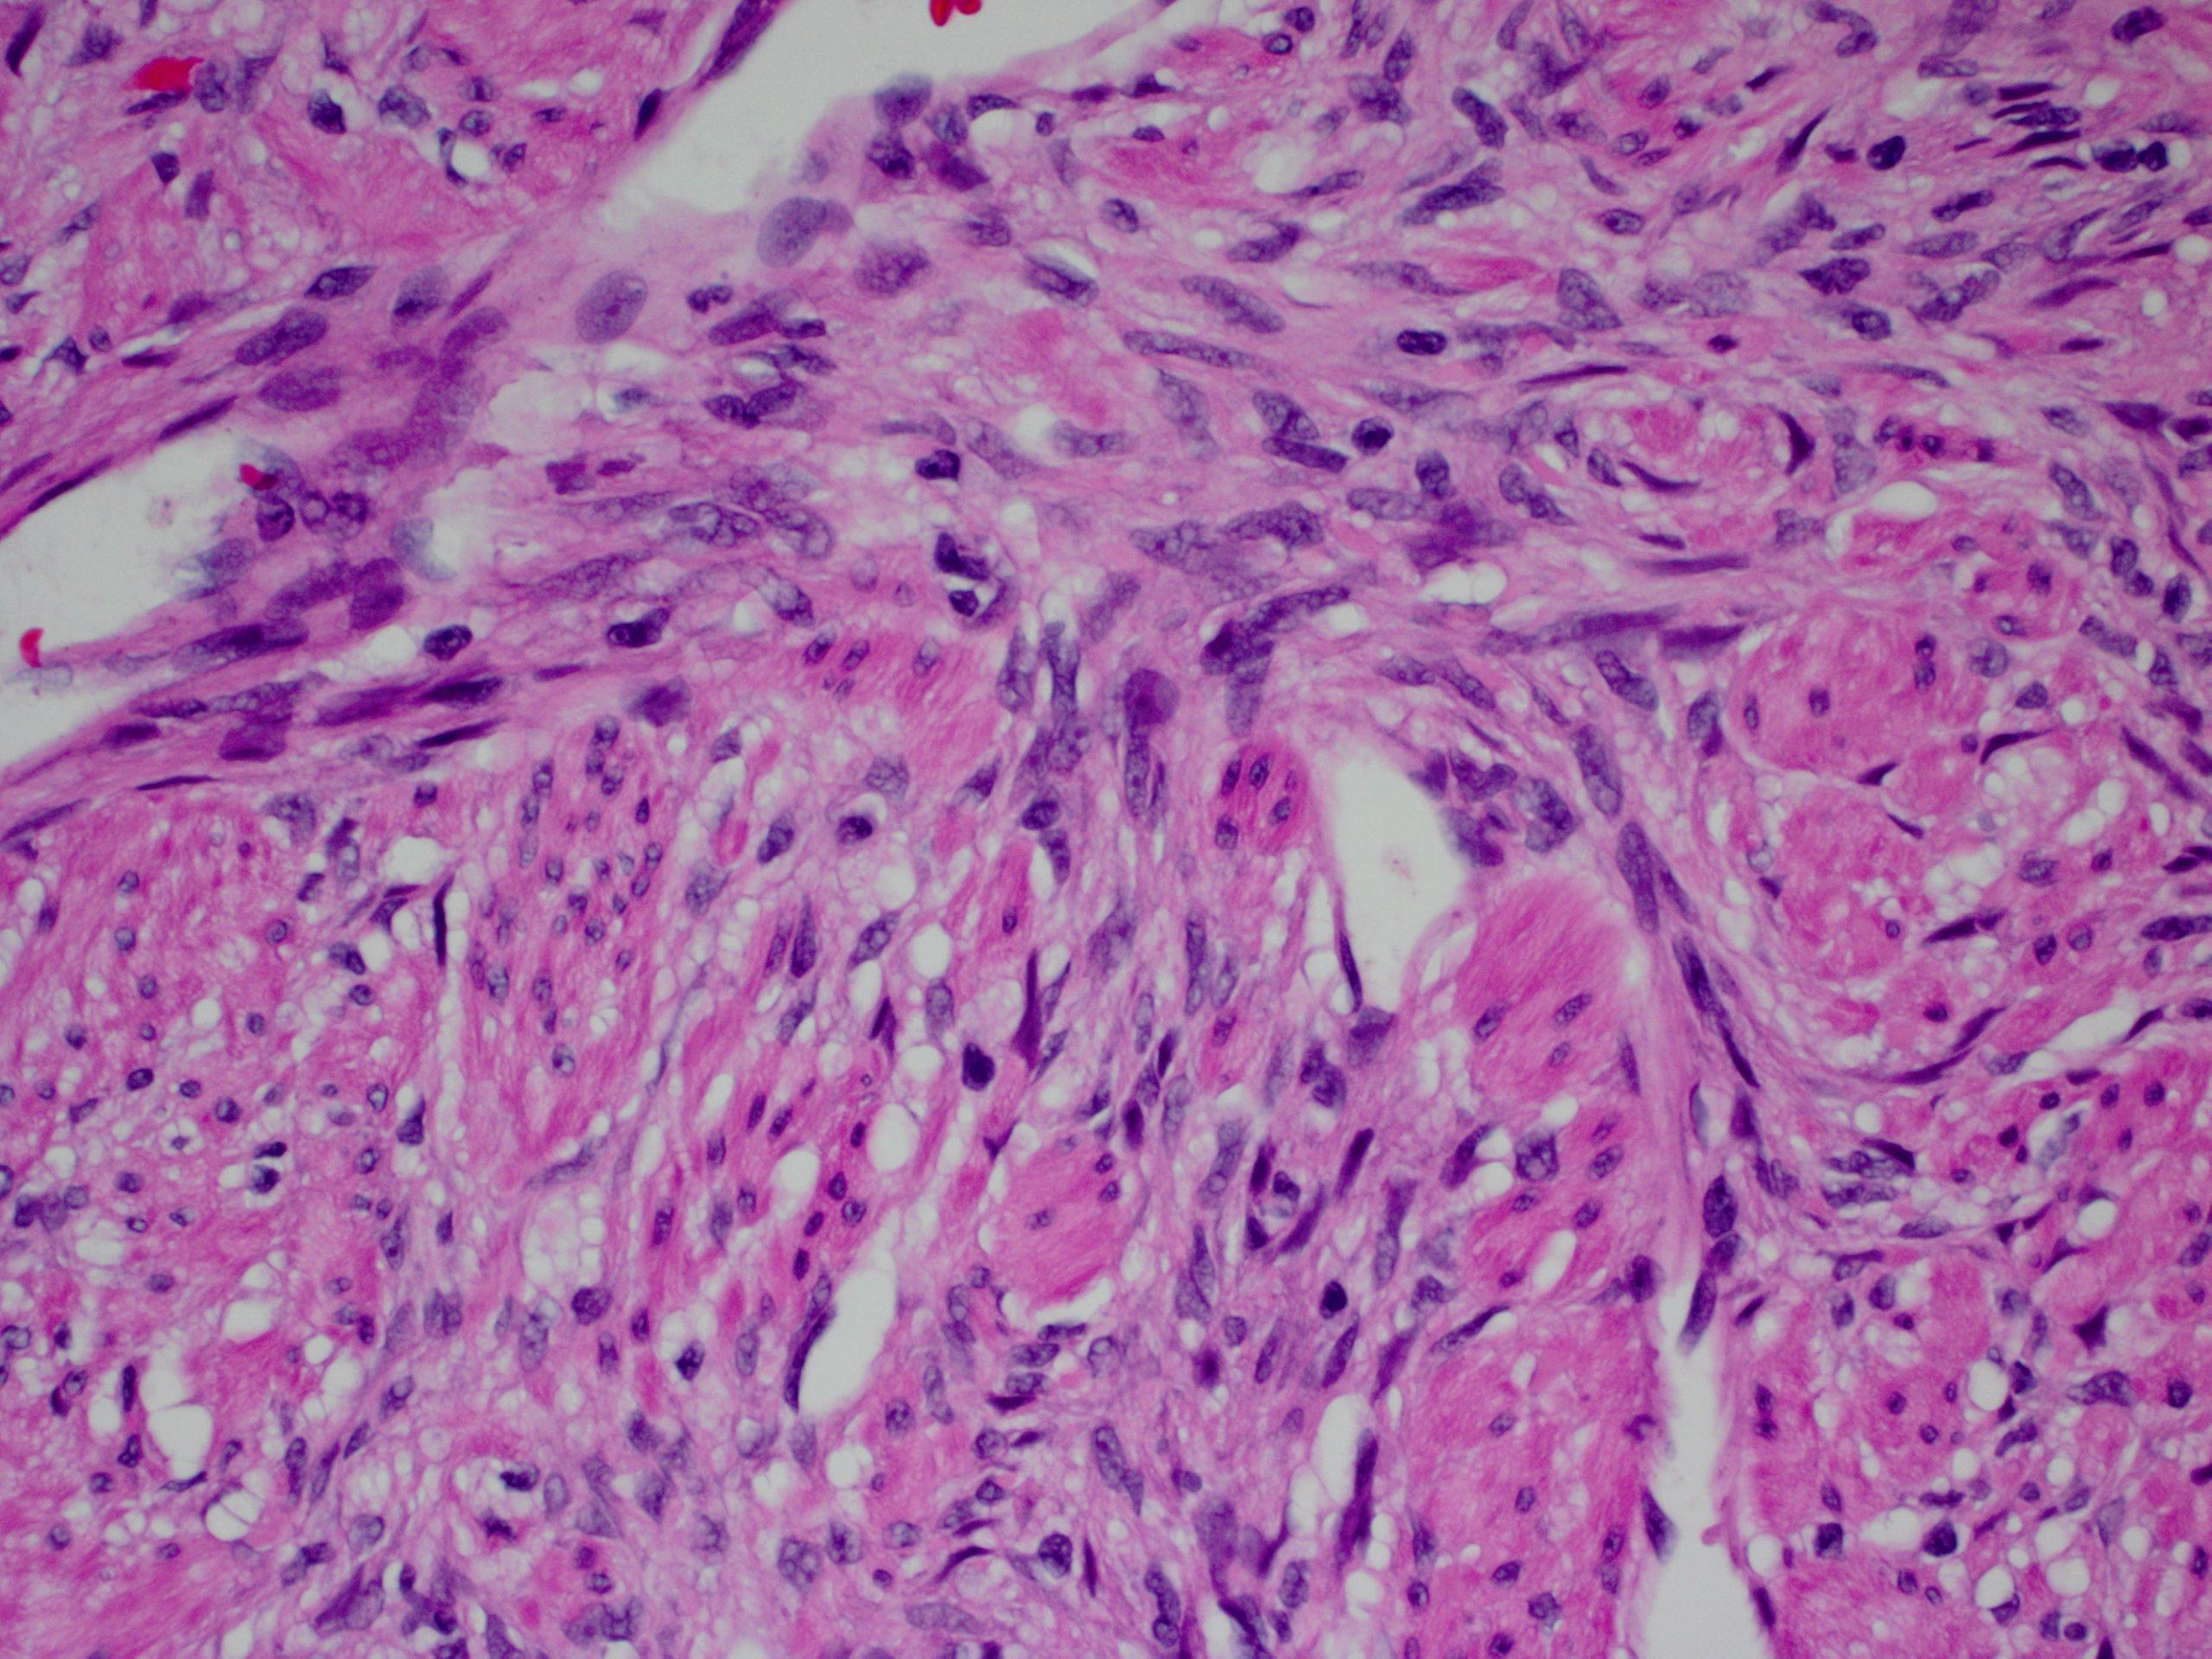 Pathology Outlines Gastrointestinal Stromal Tumor